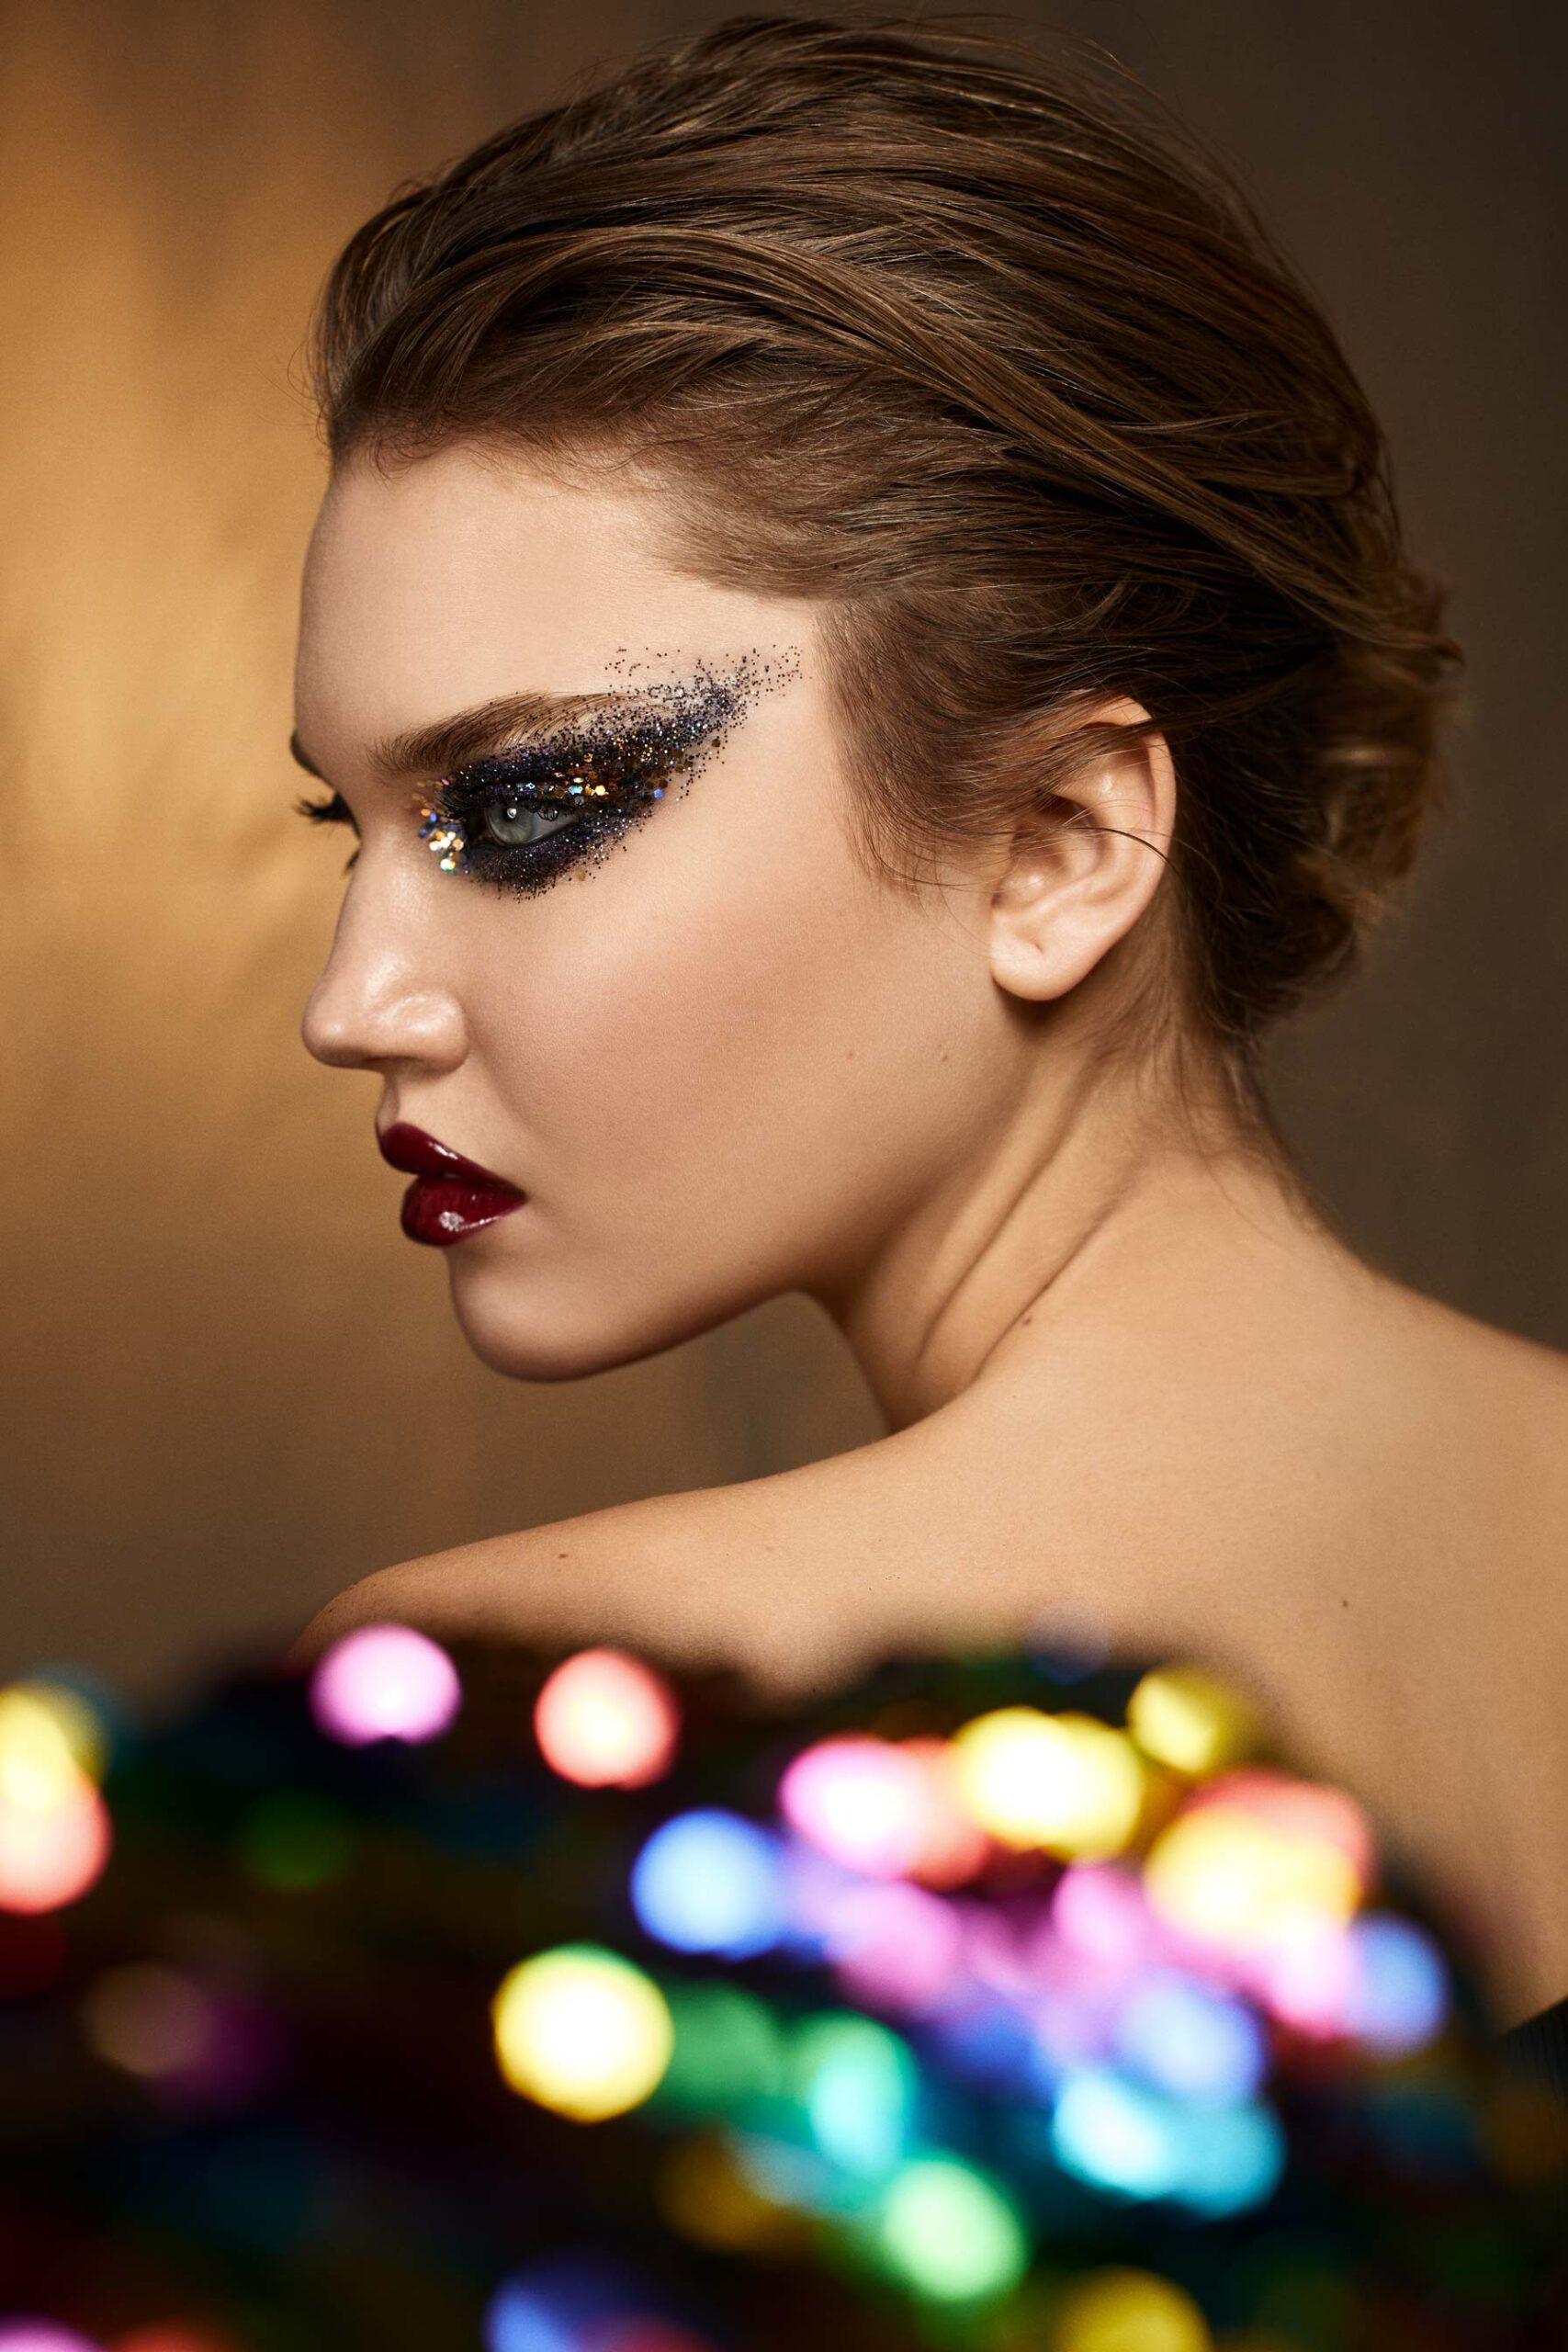 Dariane Sanche photographe professionnelle commercial produit maquillage cosmétique et beauté